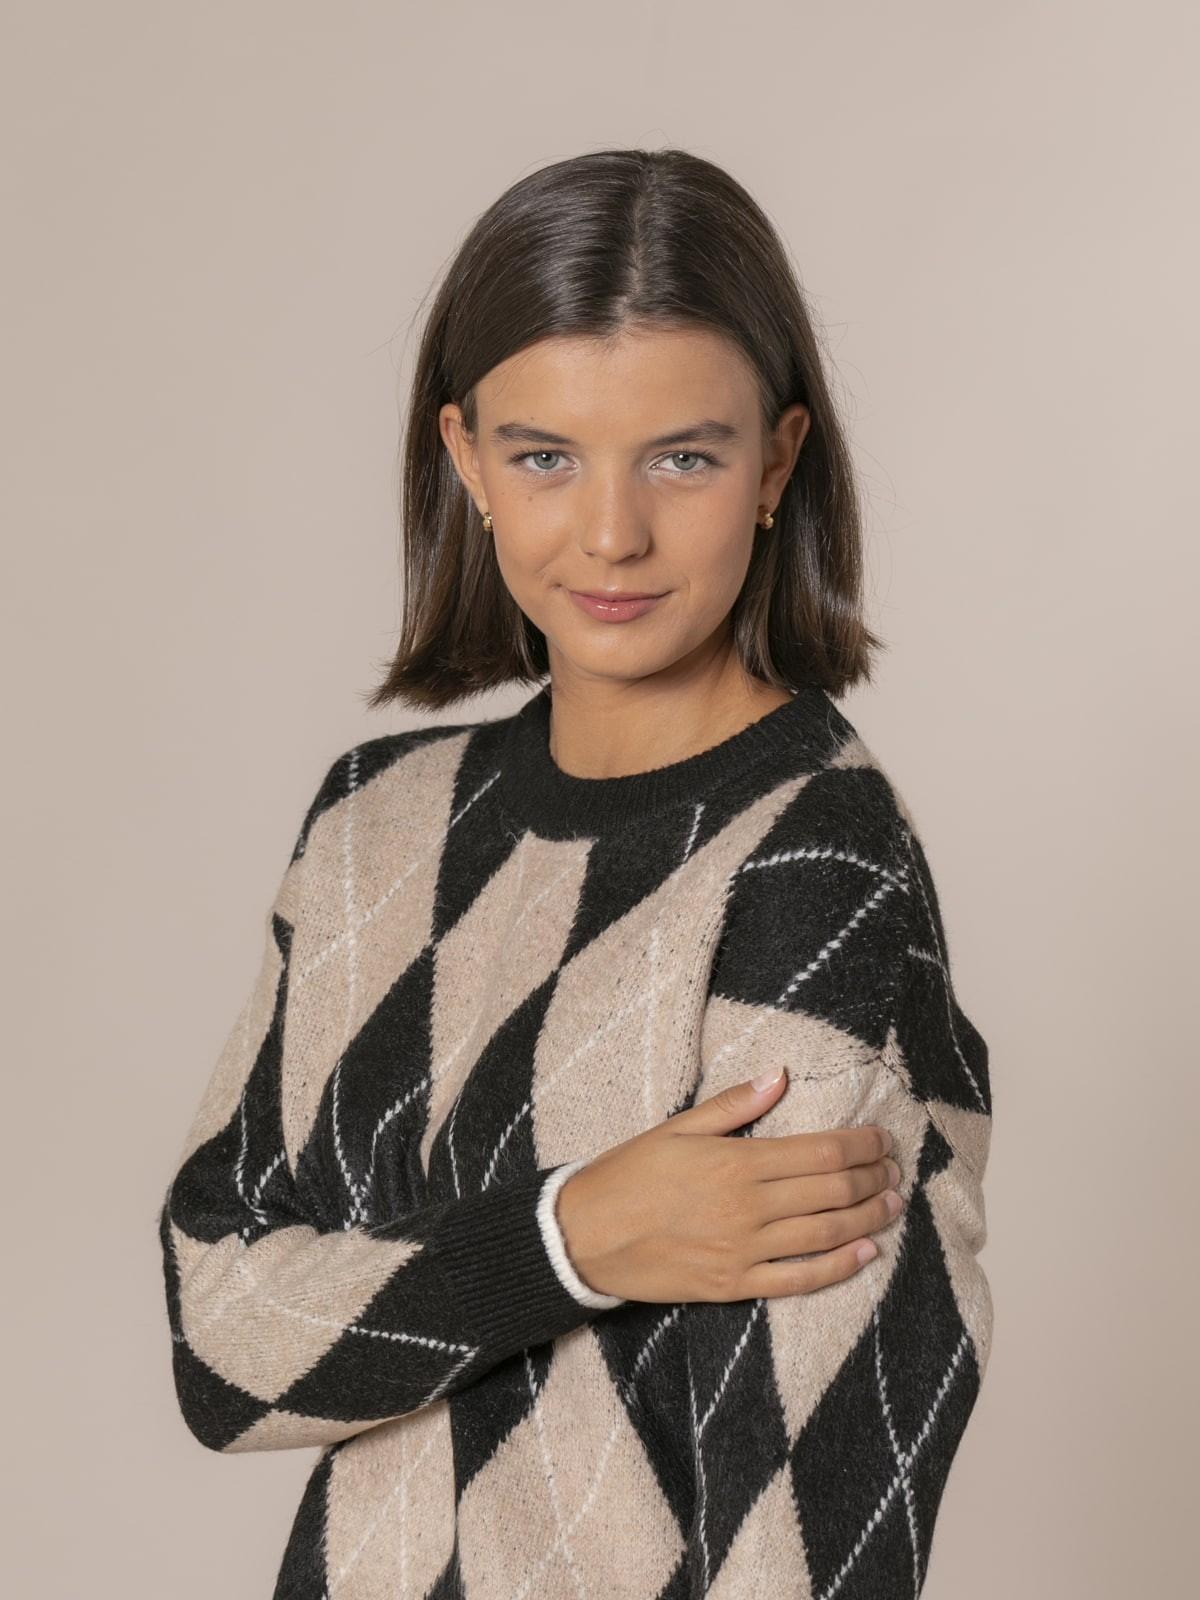 Woman Diamond detail knit sweater Black